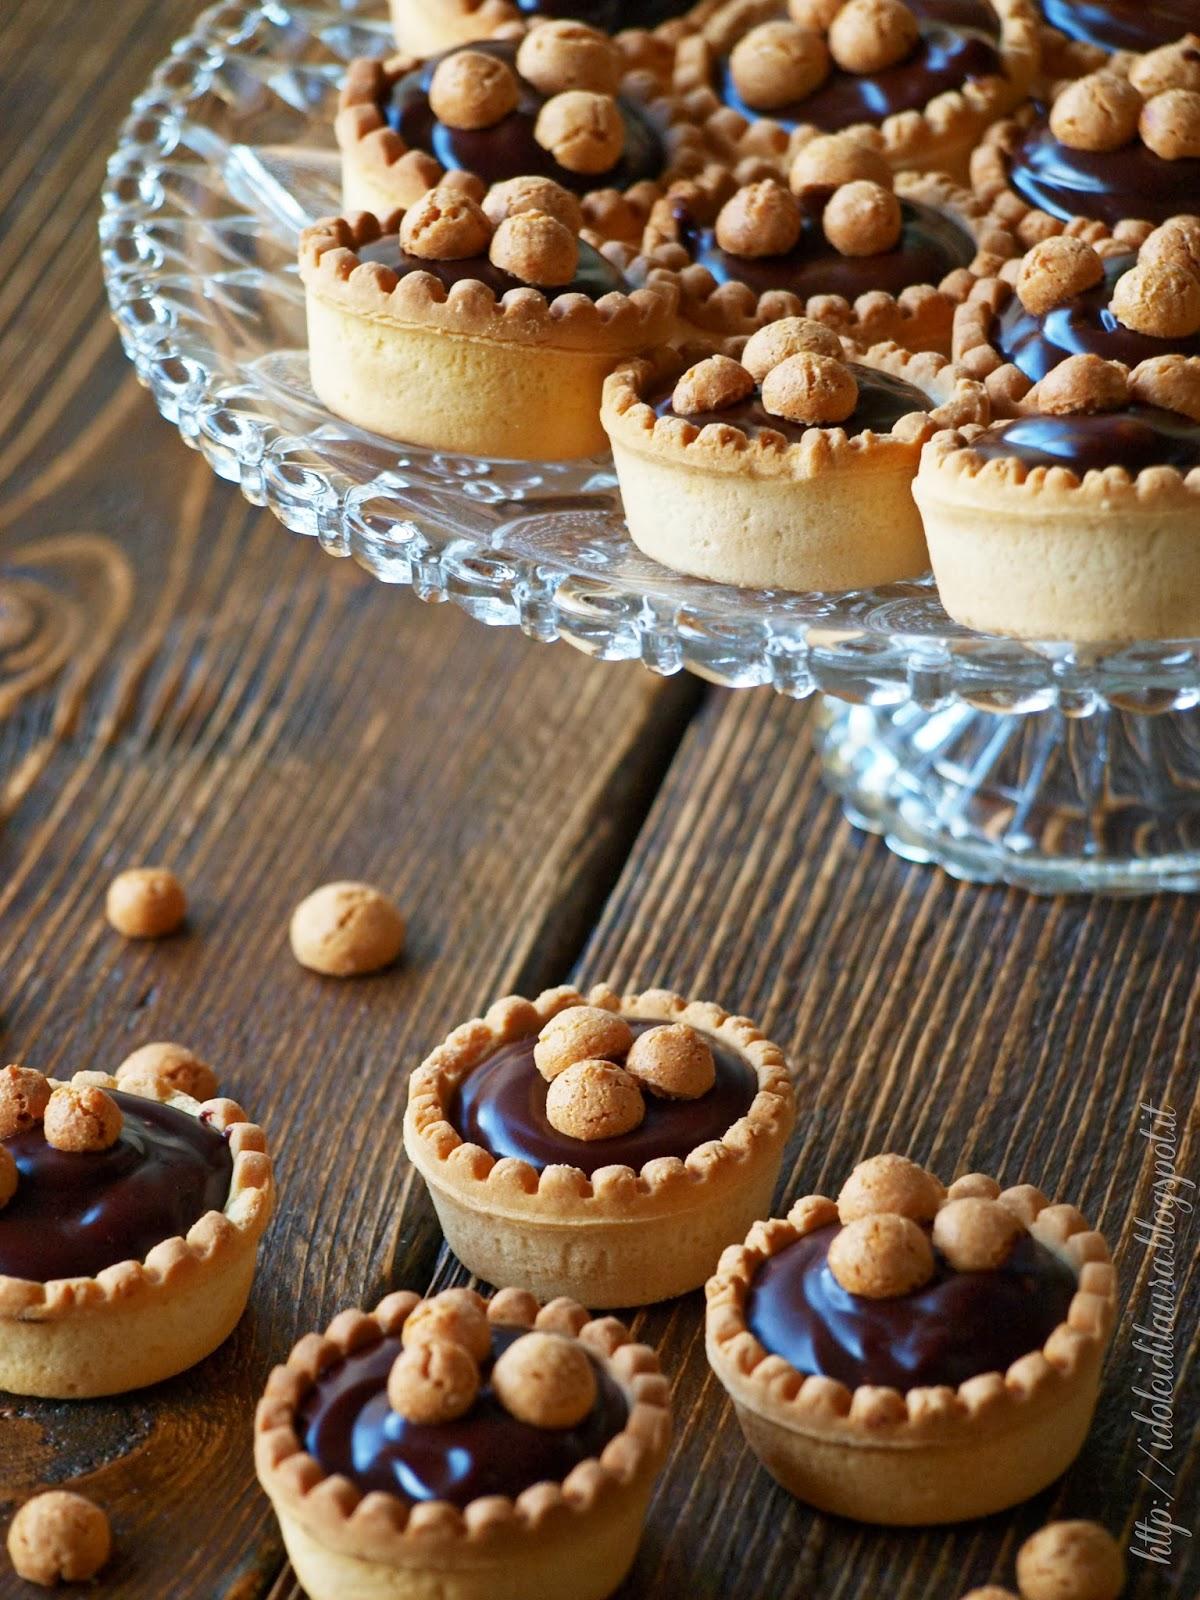 Amato i dolci di laura: Pasticcini mignon al cioccolato ZF47